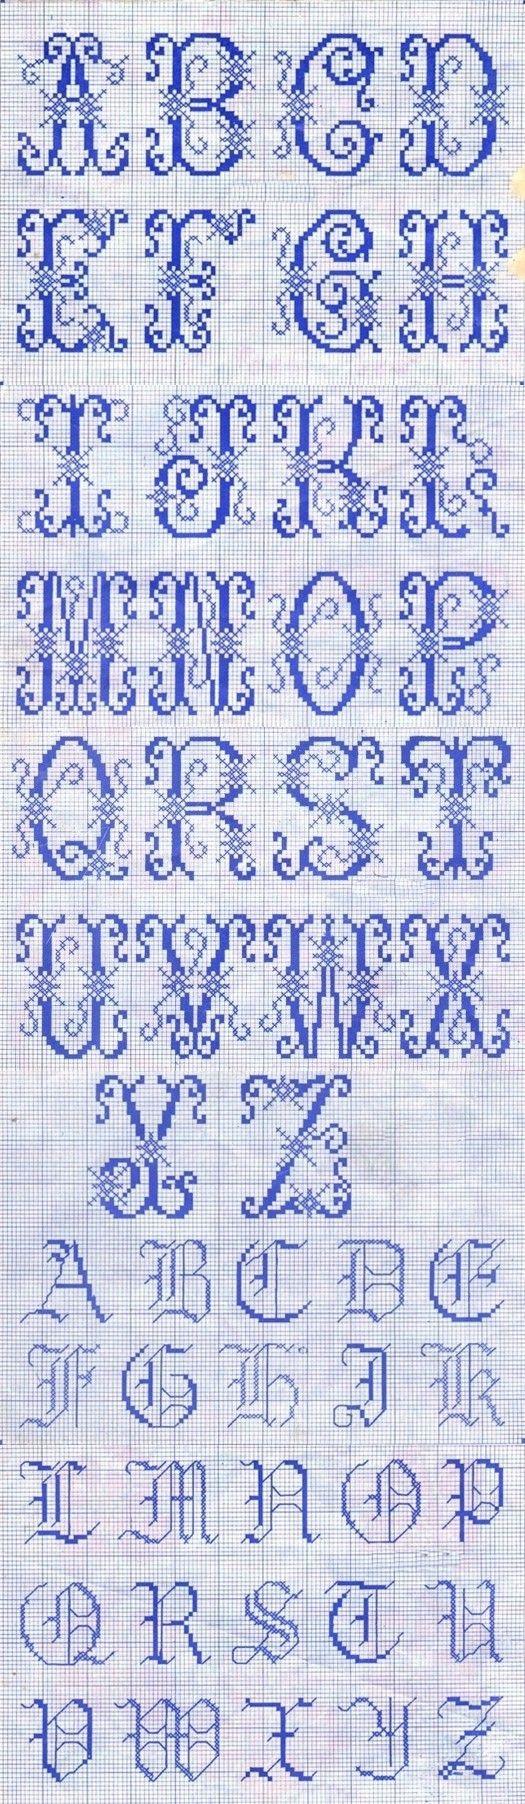 26英文字母十字绣样~~ Alphabet